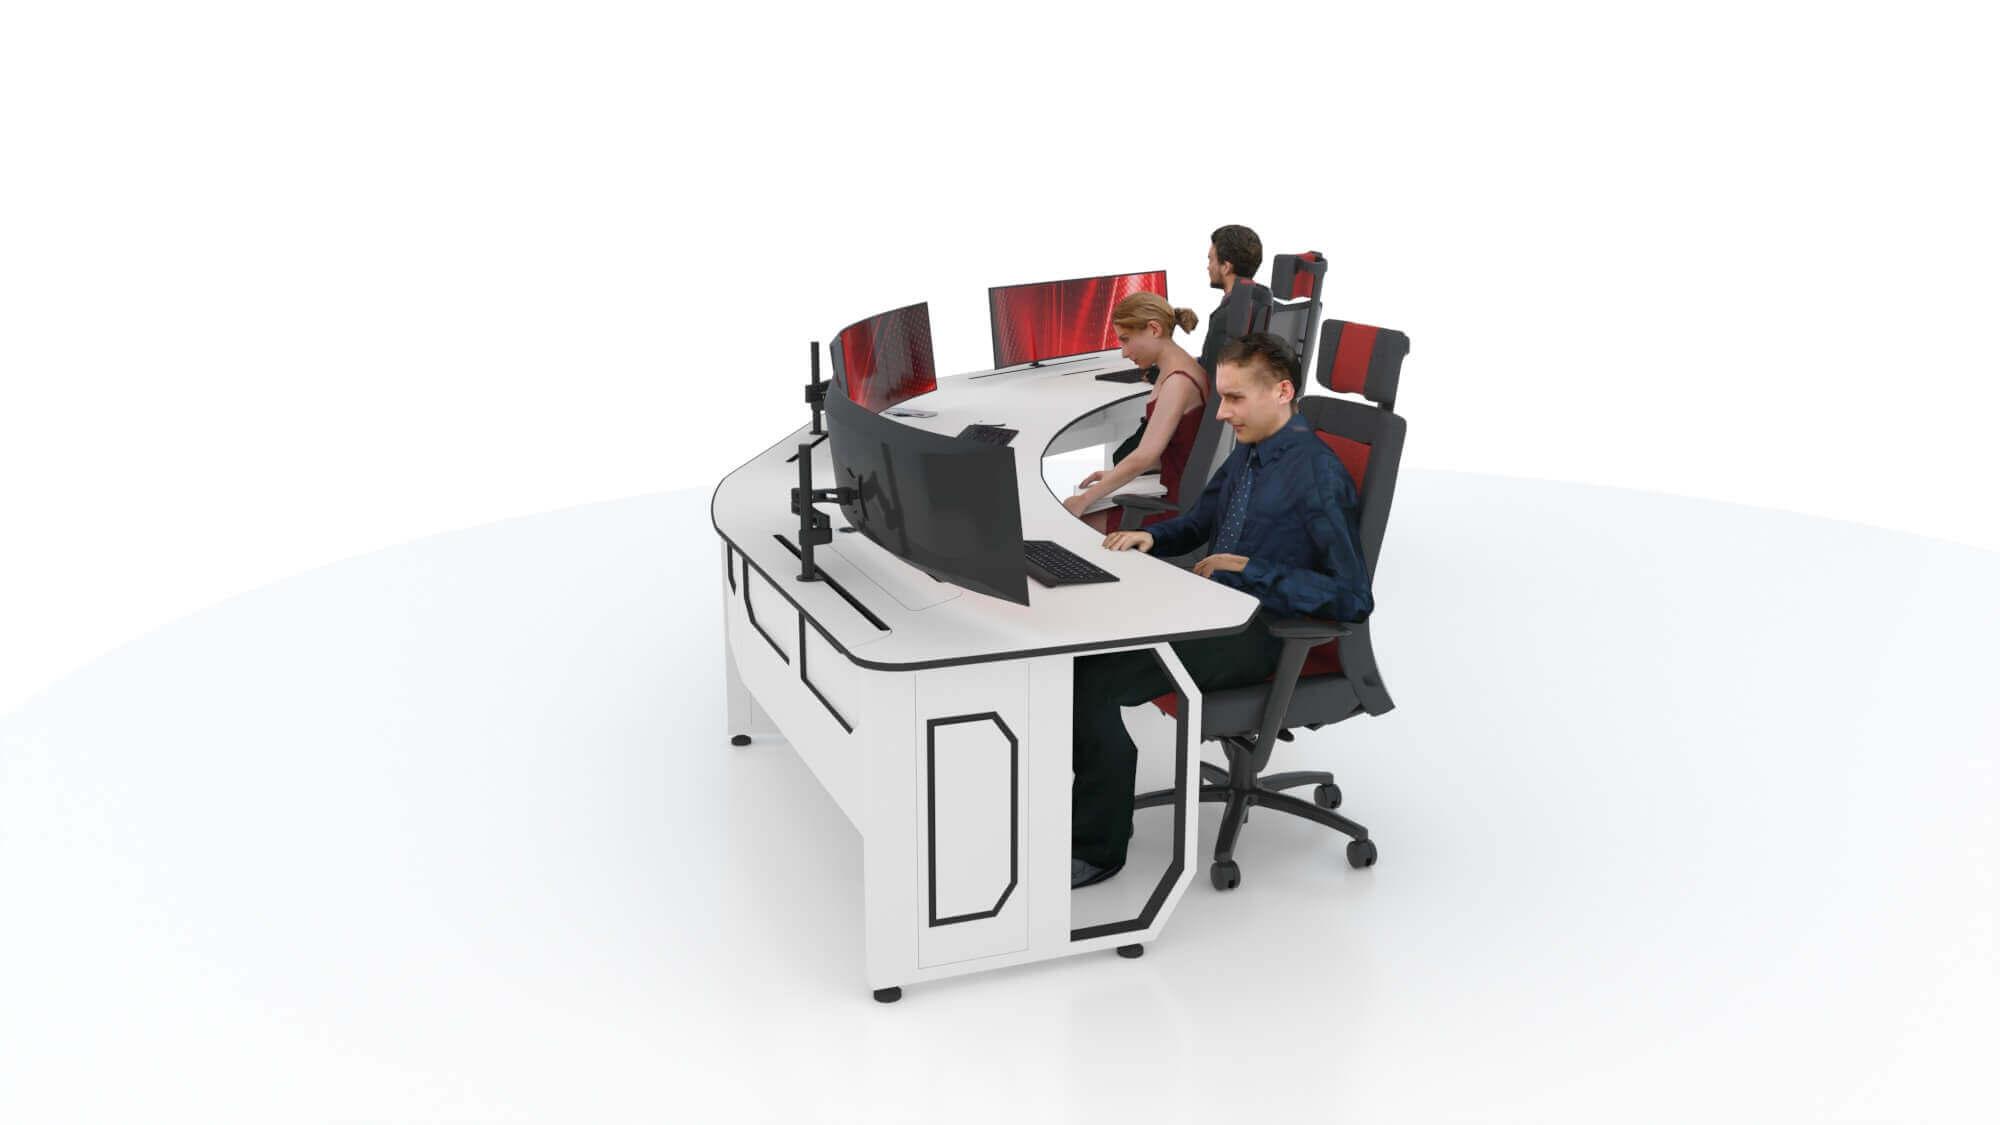 Пульт оператора на три рабочих места с единой столешницей